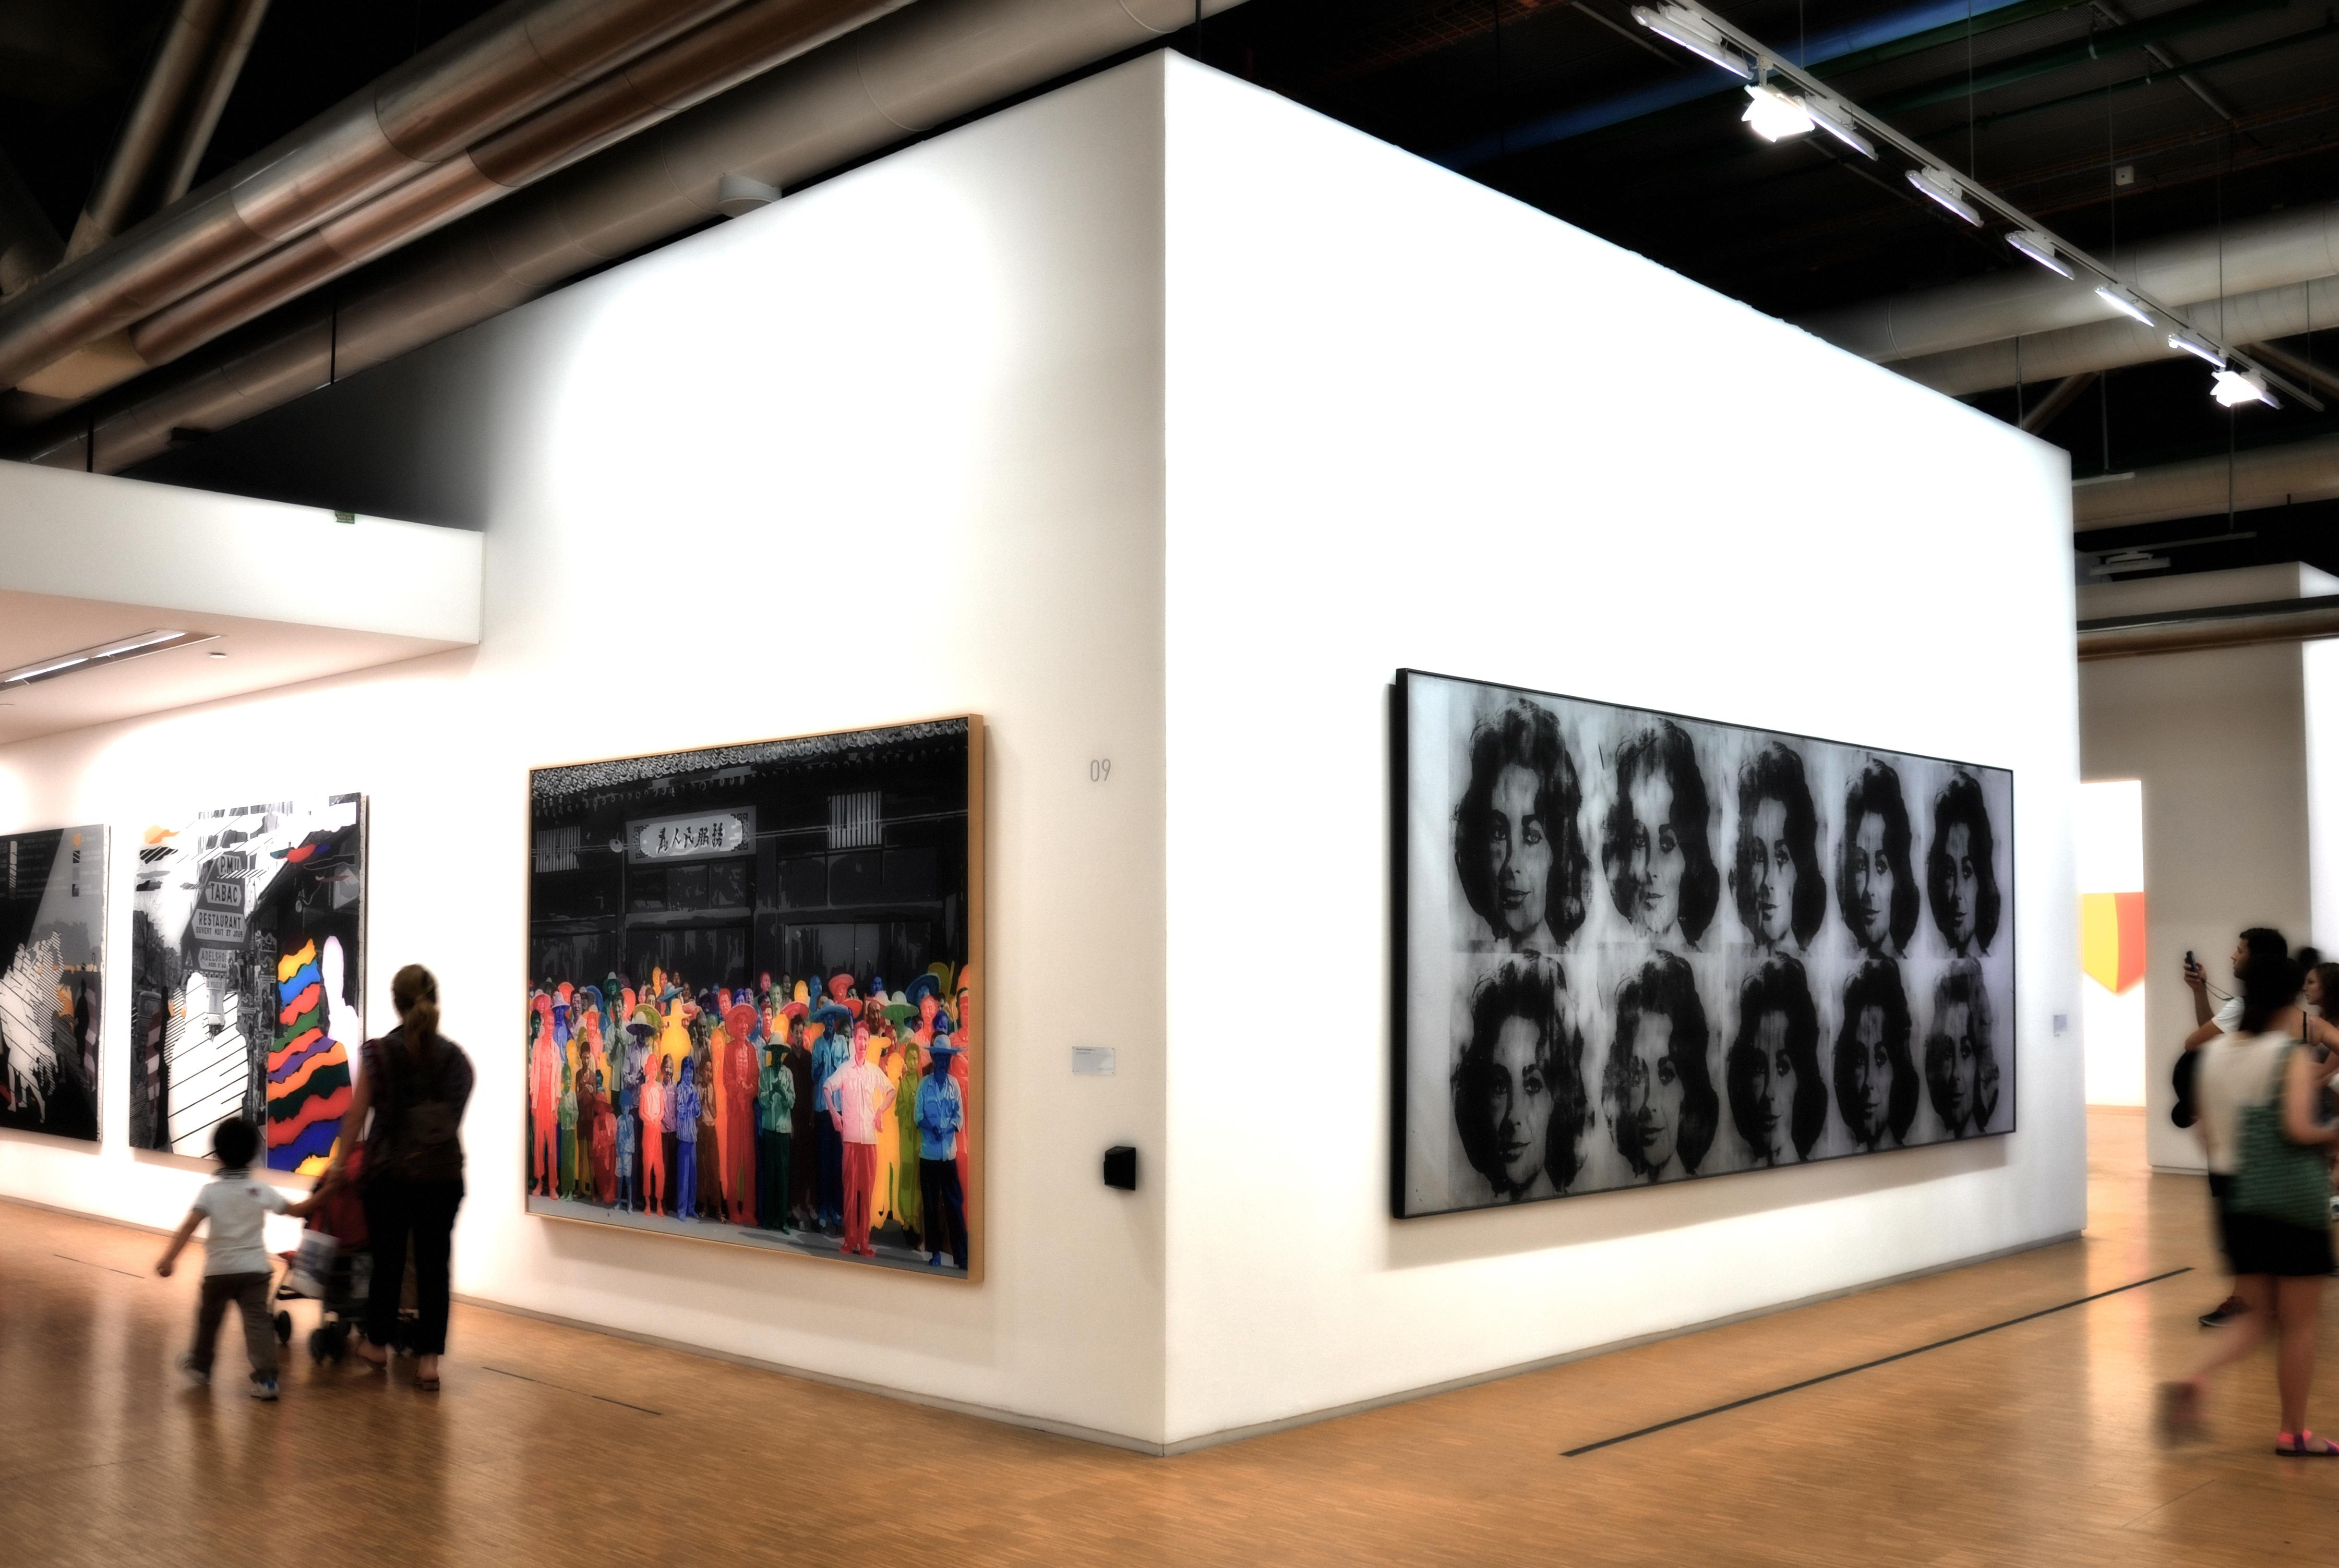 Vouz aimez?, de Gerard Fromanger, y Lizes, de Andy Warhol.